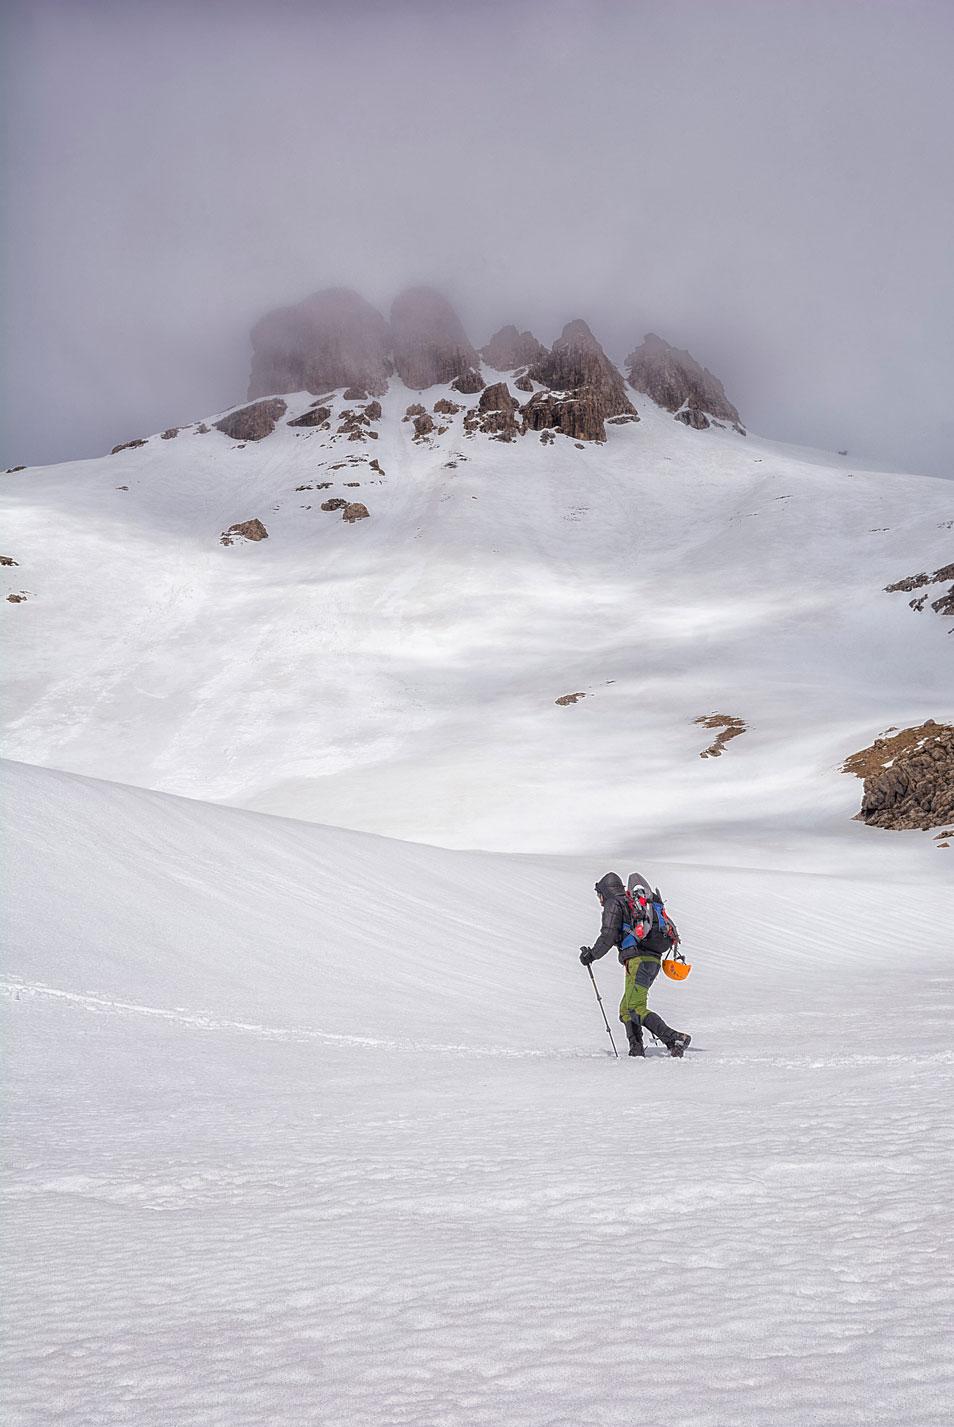 Lecherines - Archivo - Iñaki Larrea, Fotografía de naturaleza y montaña